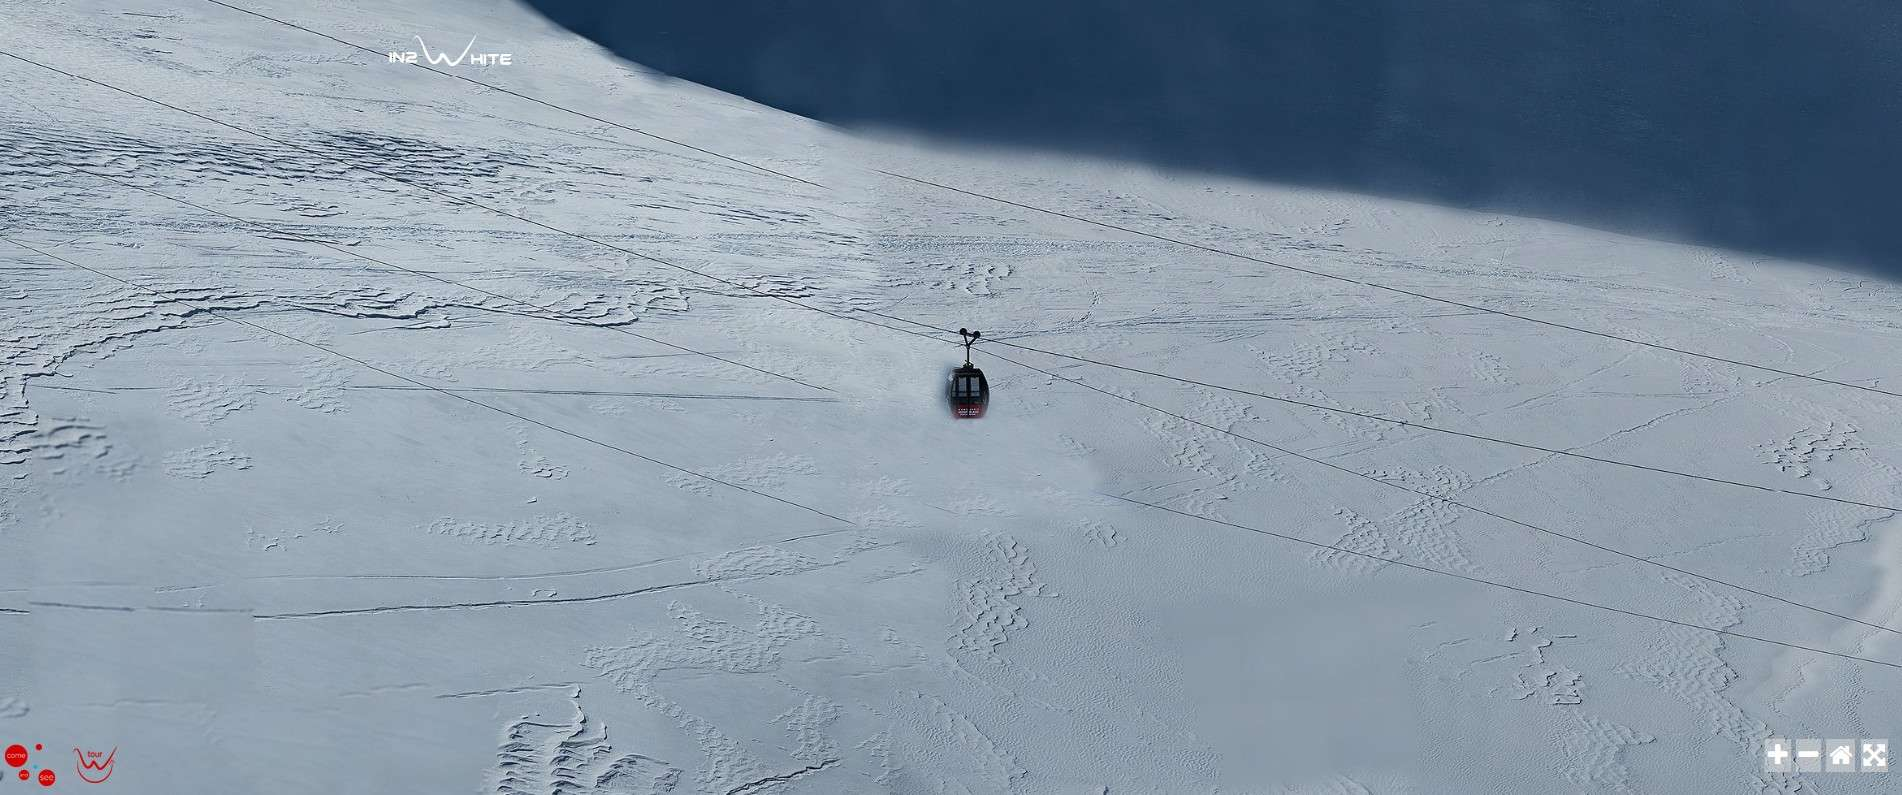 Gigapixels : le Massif du Mont Blanc en 70 000 photos Sans_278